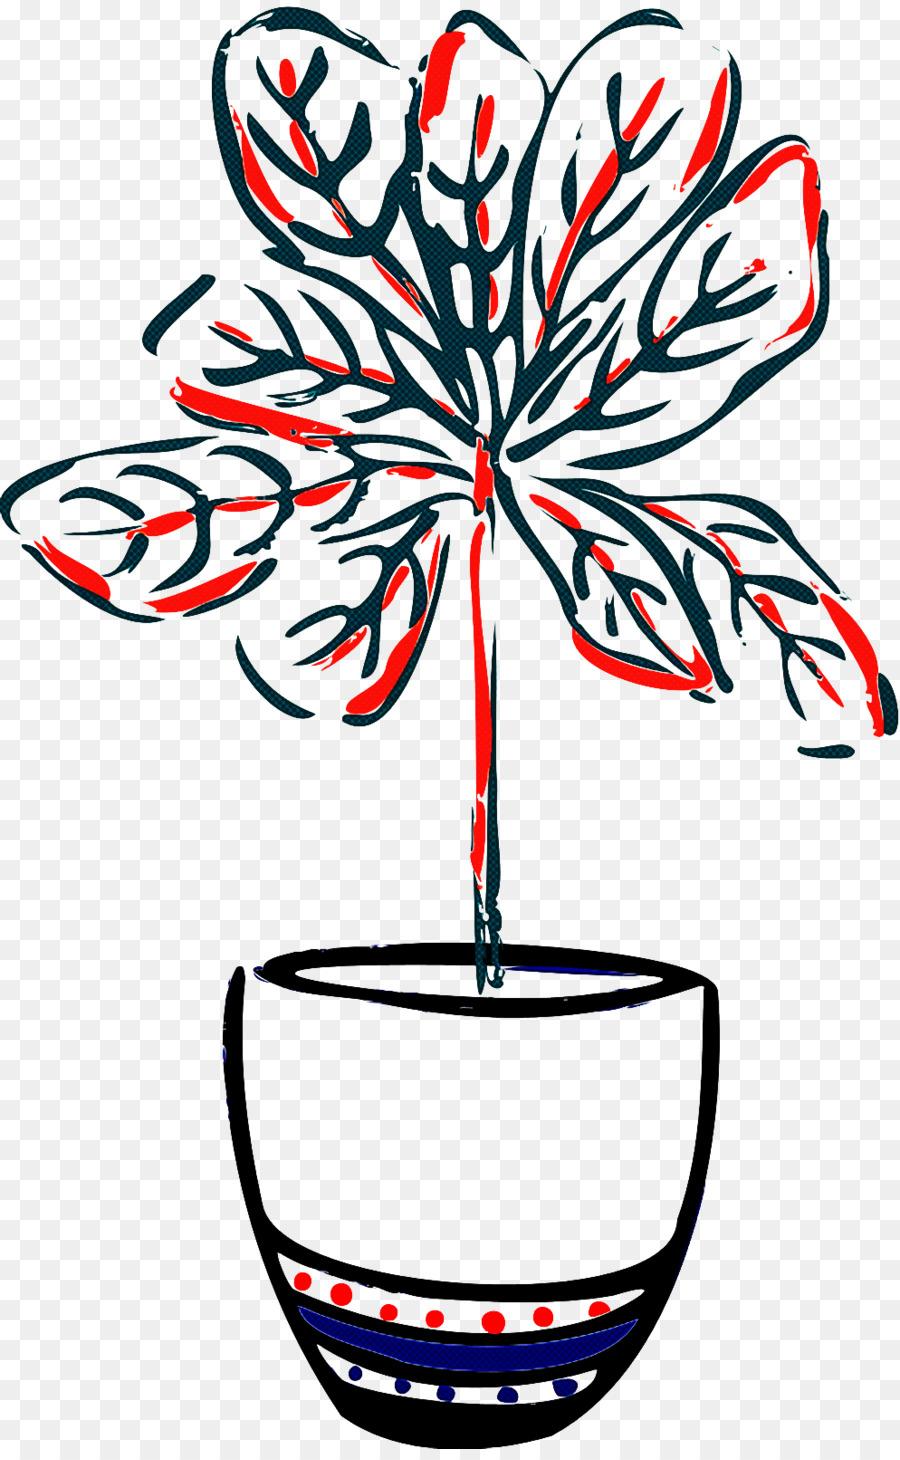 Descarga gratuita de Flor, Invitación De La Boda, Pétalo Imágen de Png